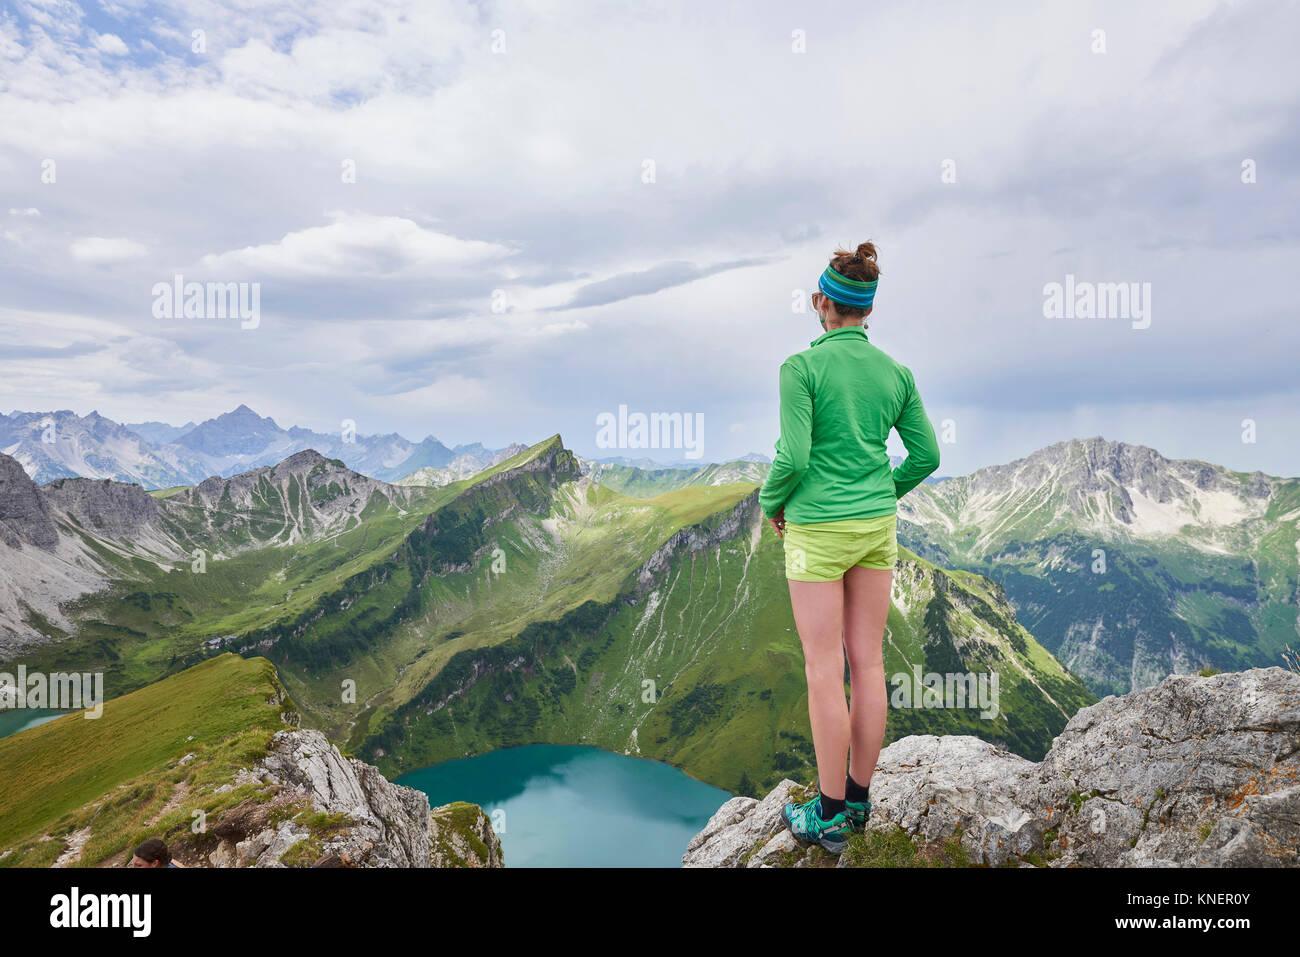 Ansicht der Rückseite des weiblichen Wanderer auf felsigen Rand mit Blick auf Tannheimer Berge, Tirol, Österreich Stockbild